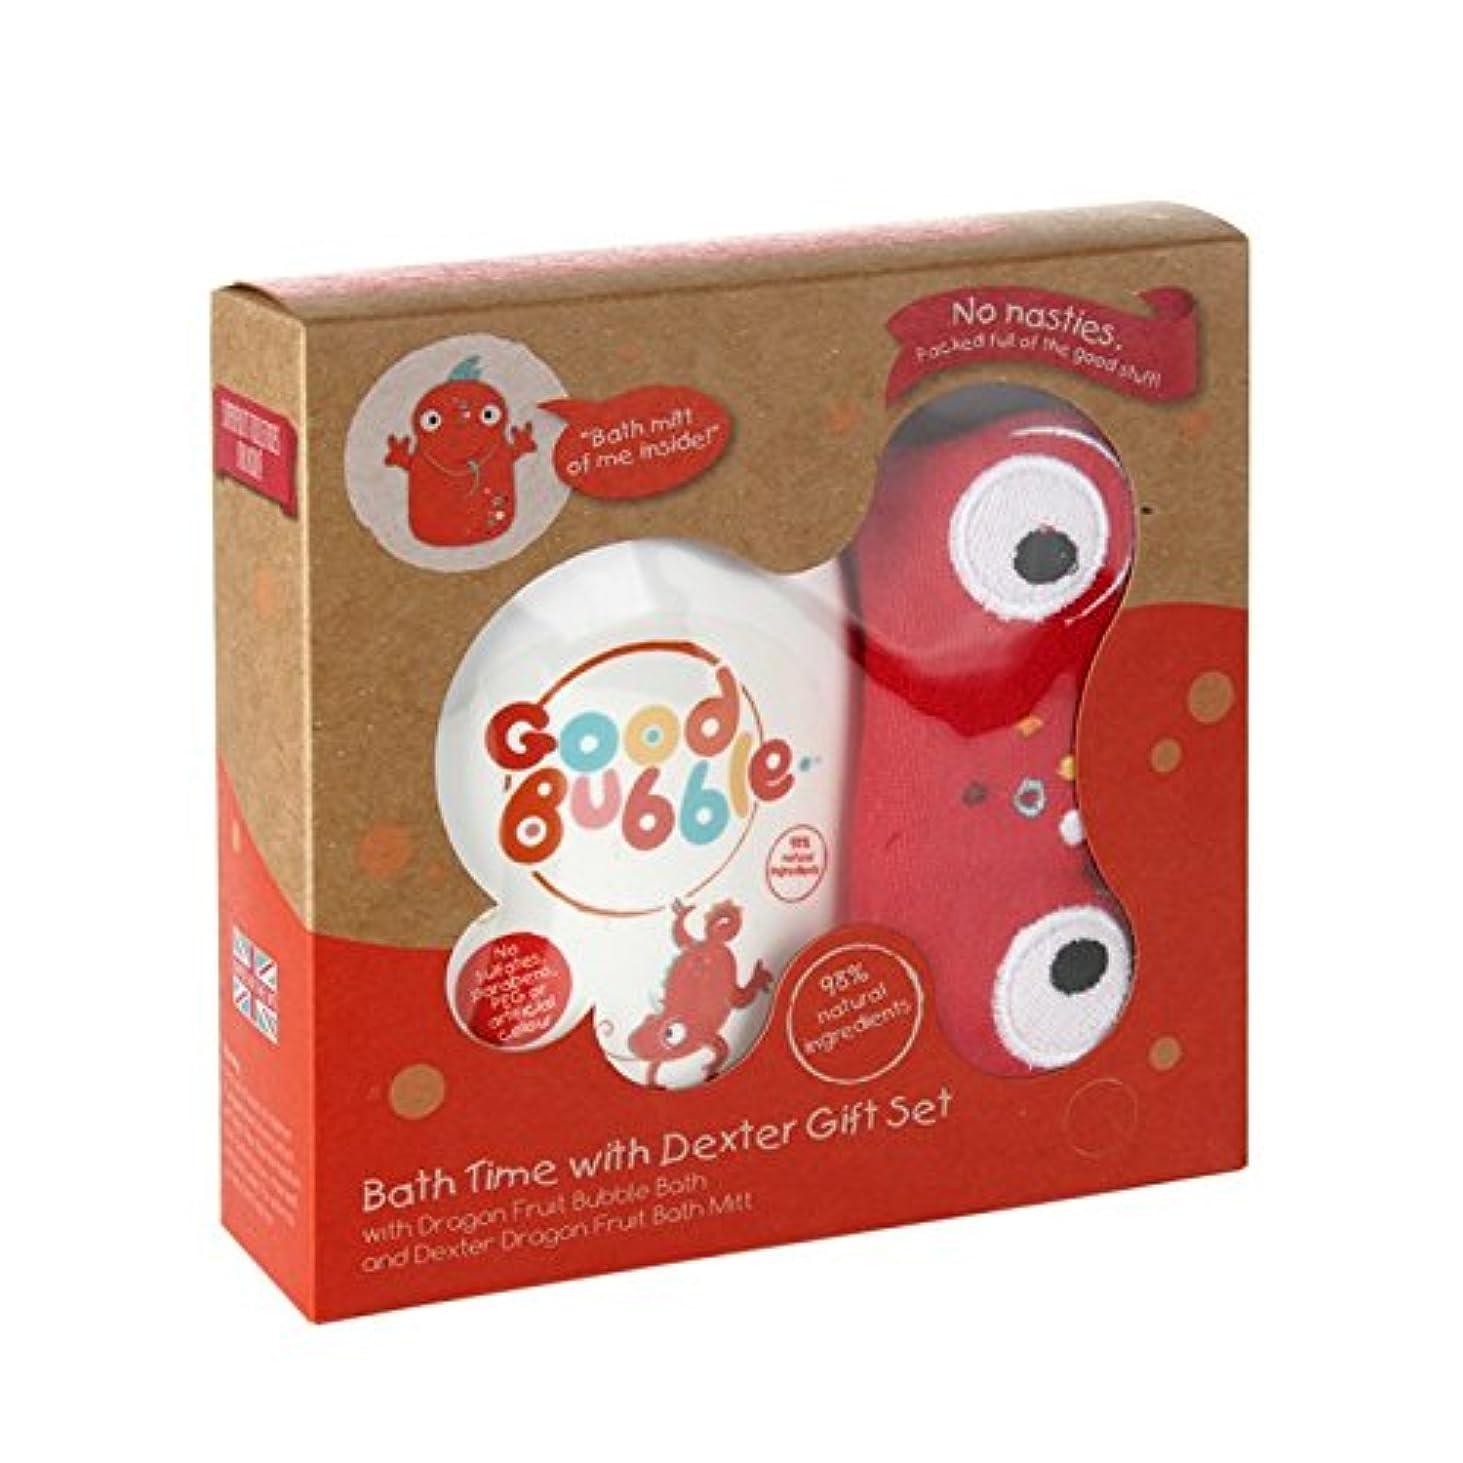 平方余裕があるこの良いバブルデクスターDragonfruitギフトセット550グラム - Good Bubble Dexter Dragonfruit Gift Set 550g (Good Bubble) [並行輸入品]